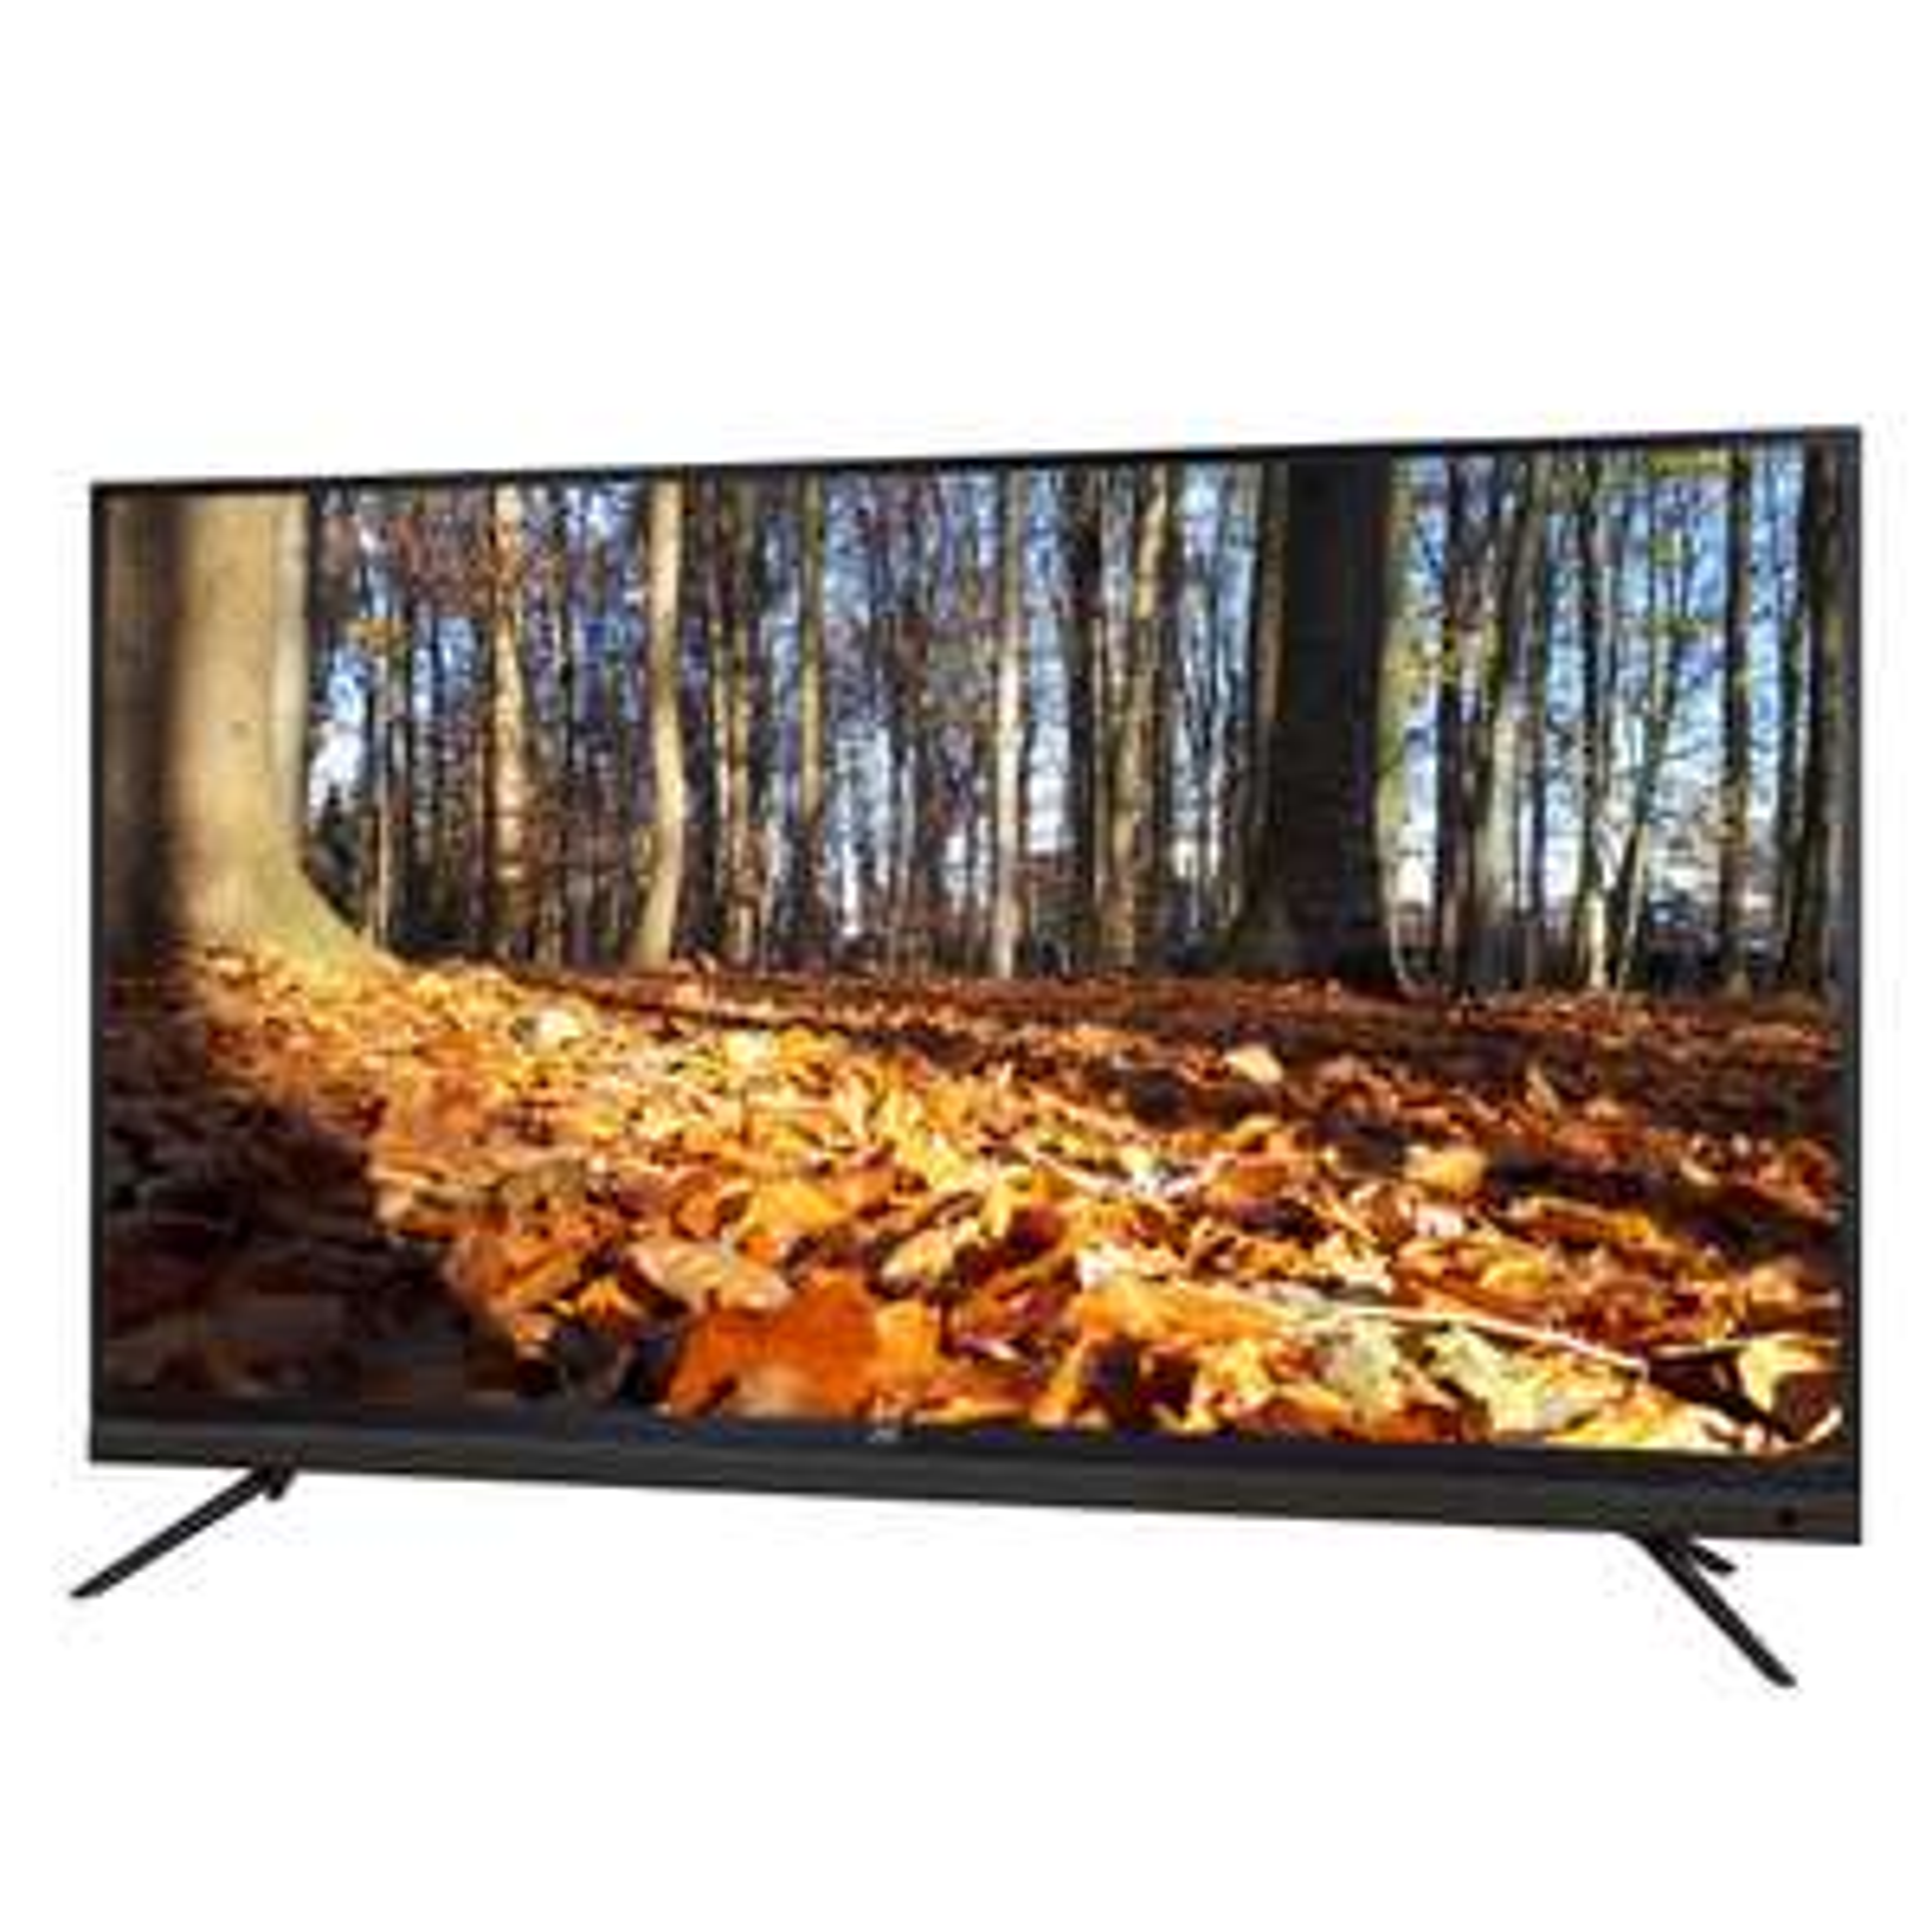 64.5 Zoll UHD 4K Smart TV Fernseher mit Soundbar JTC Centauris Sound 6.5 Triple Tuner